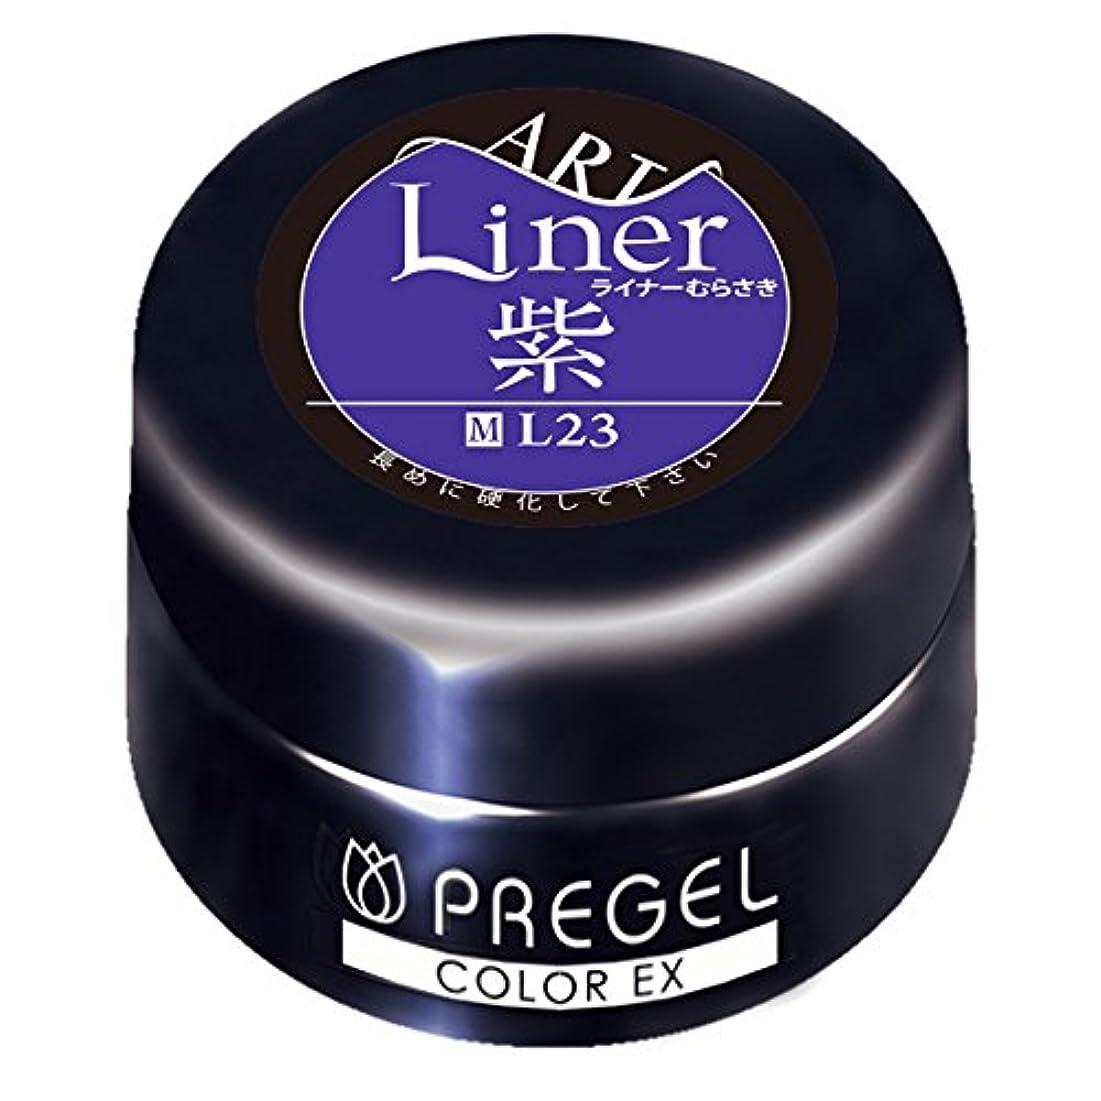 混乱不完全な悪行PRE GEL カラーEX ライナー紫23 4g UV/LED対応